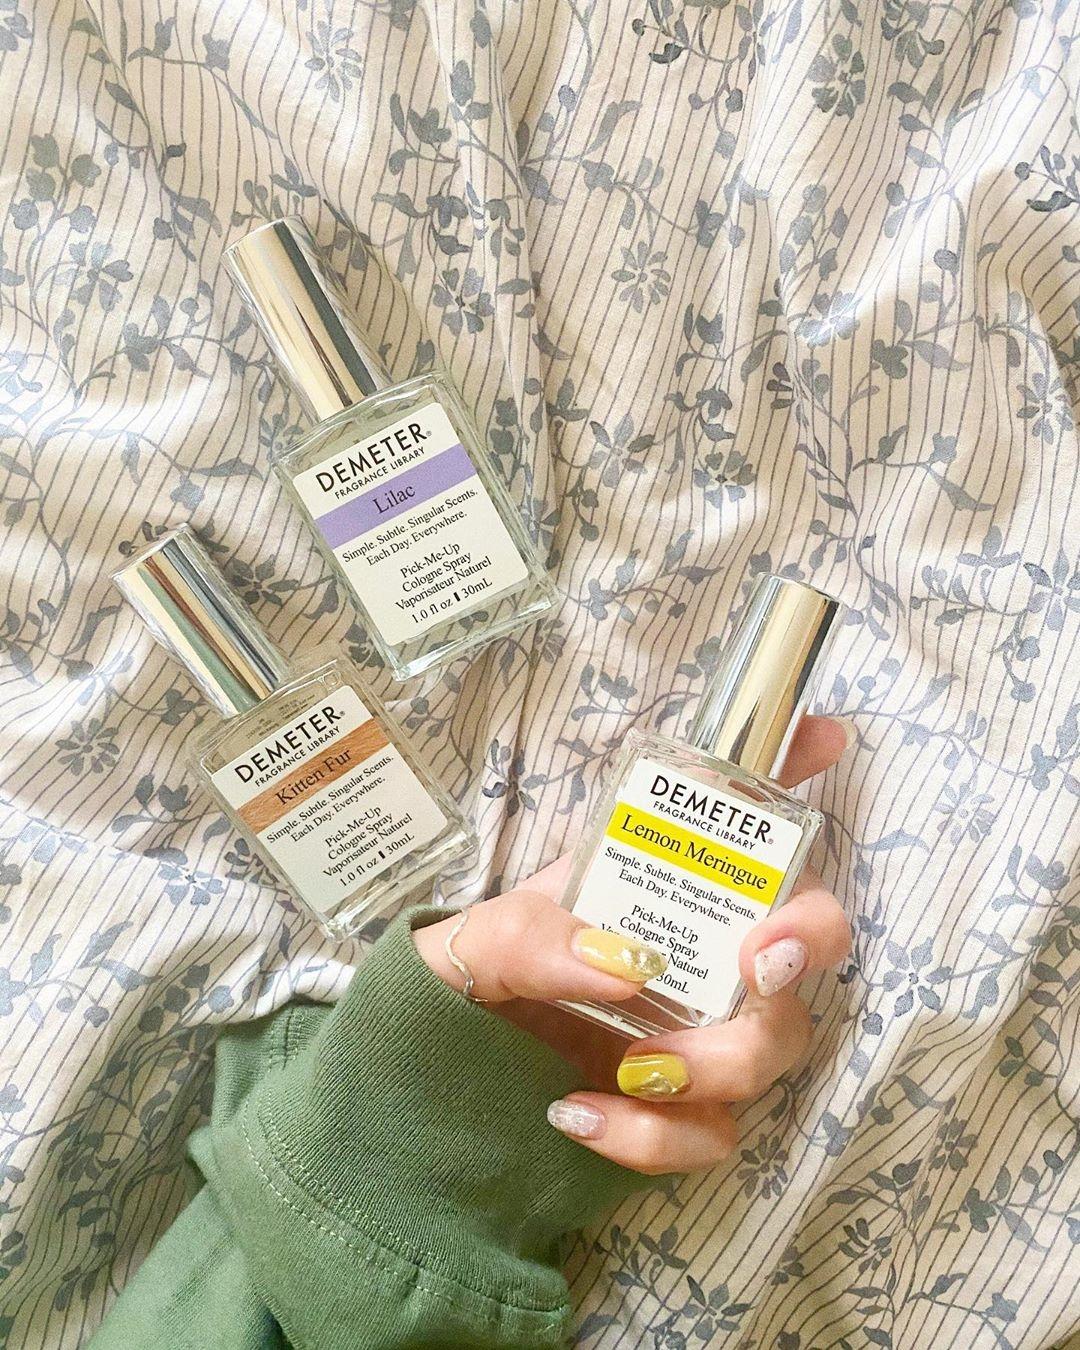 4.ディメーターの香水